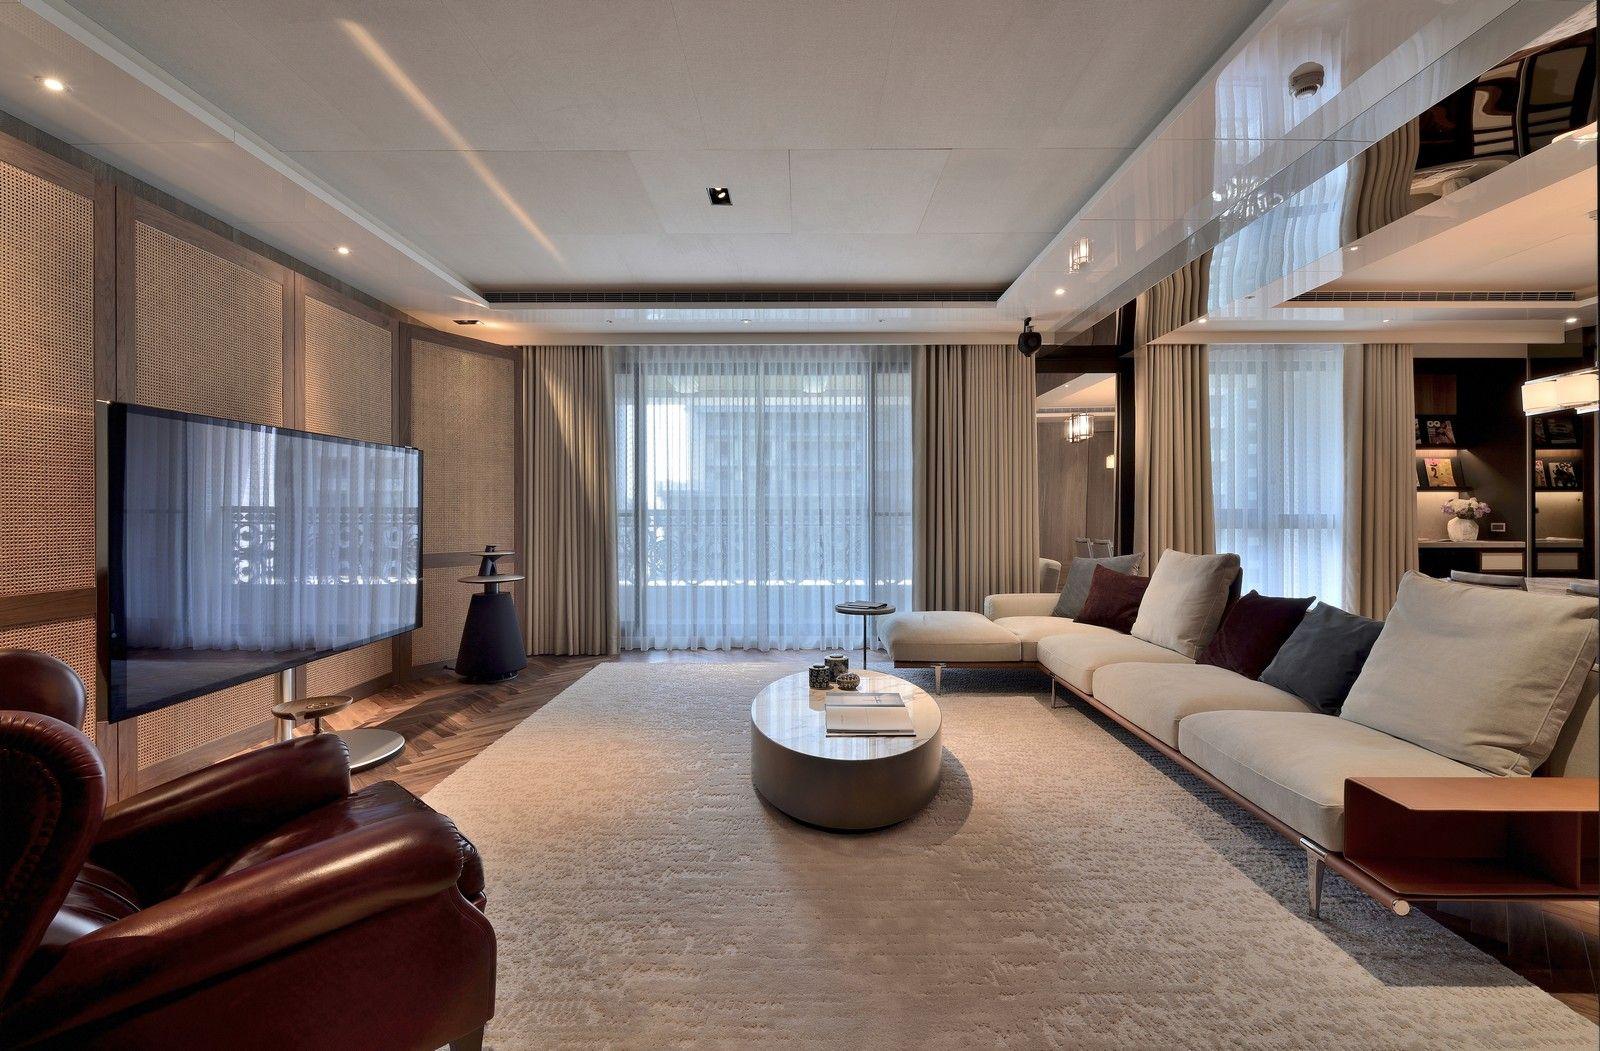 歐洲奧斯卡「金」設計  星級私宅藝墅家